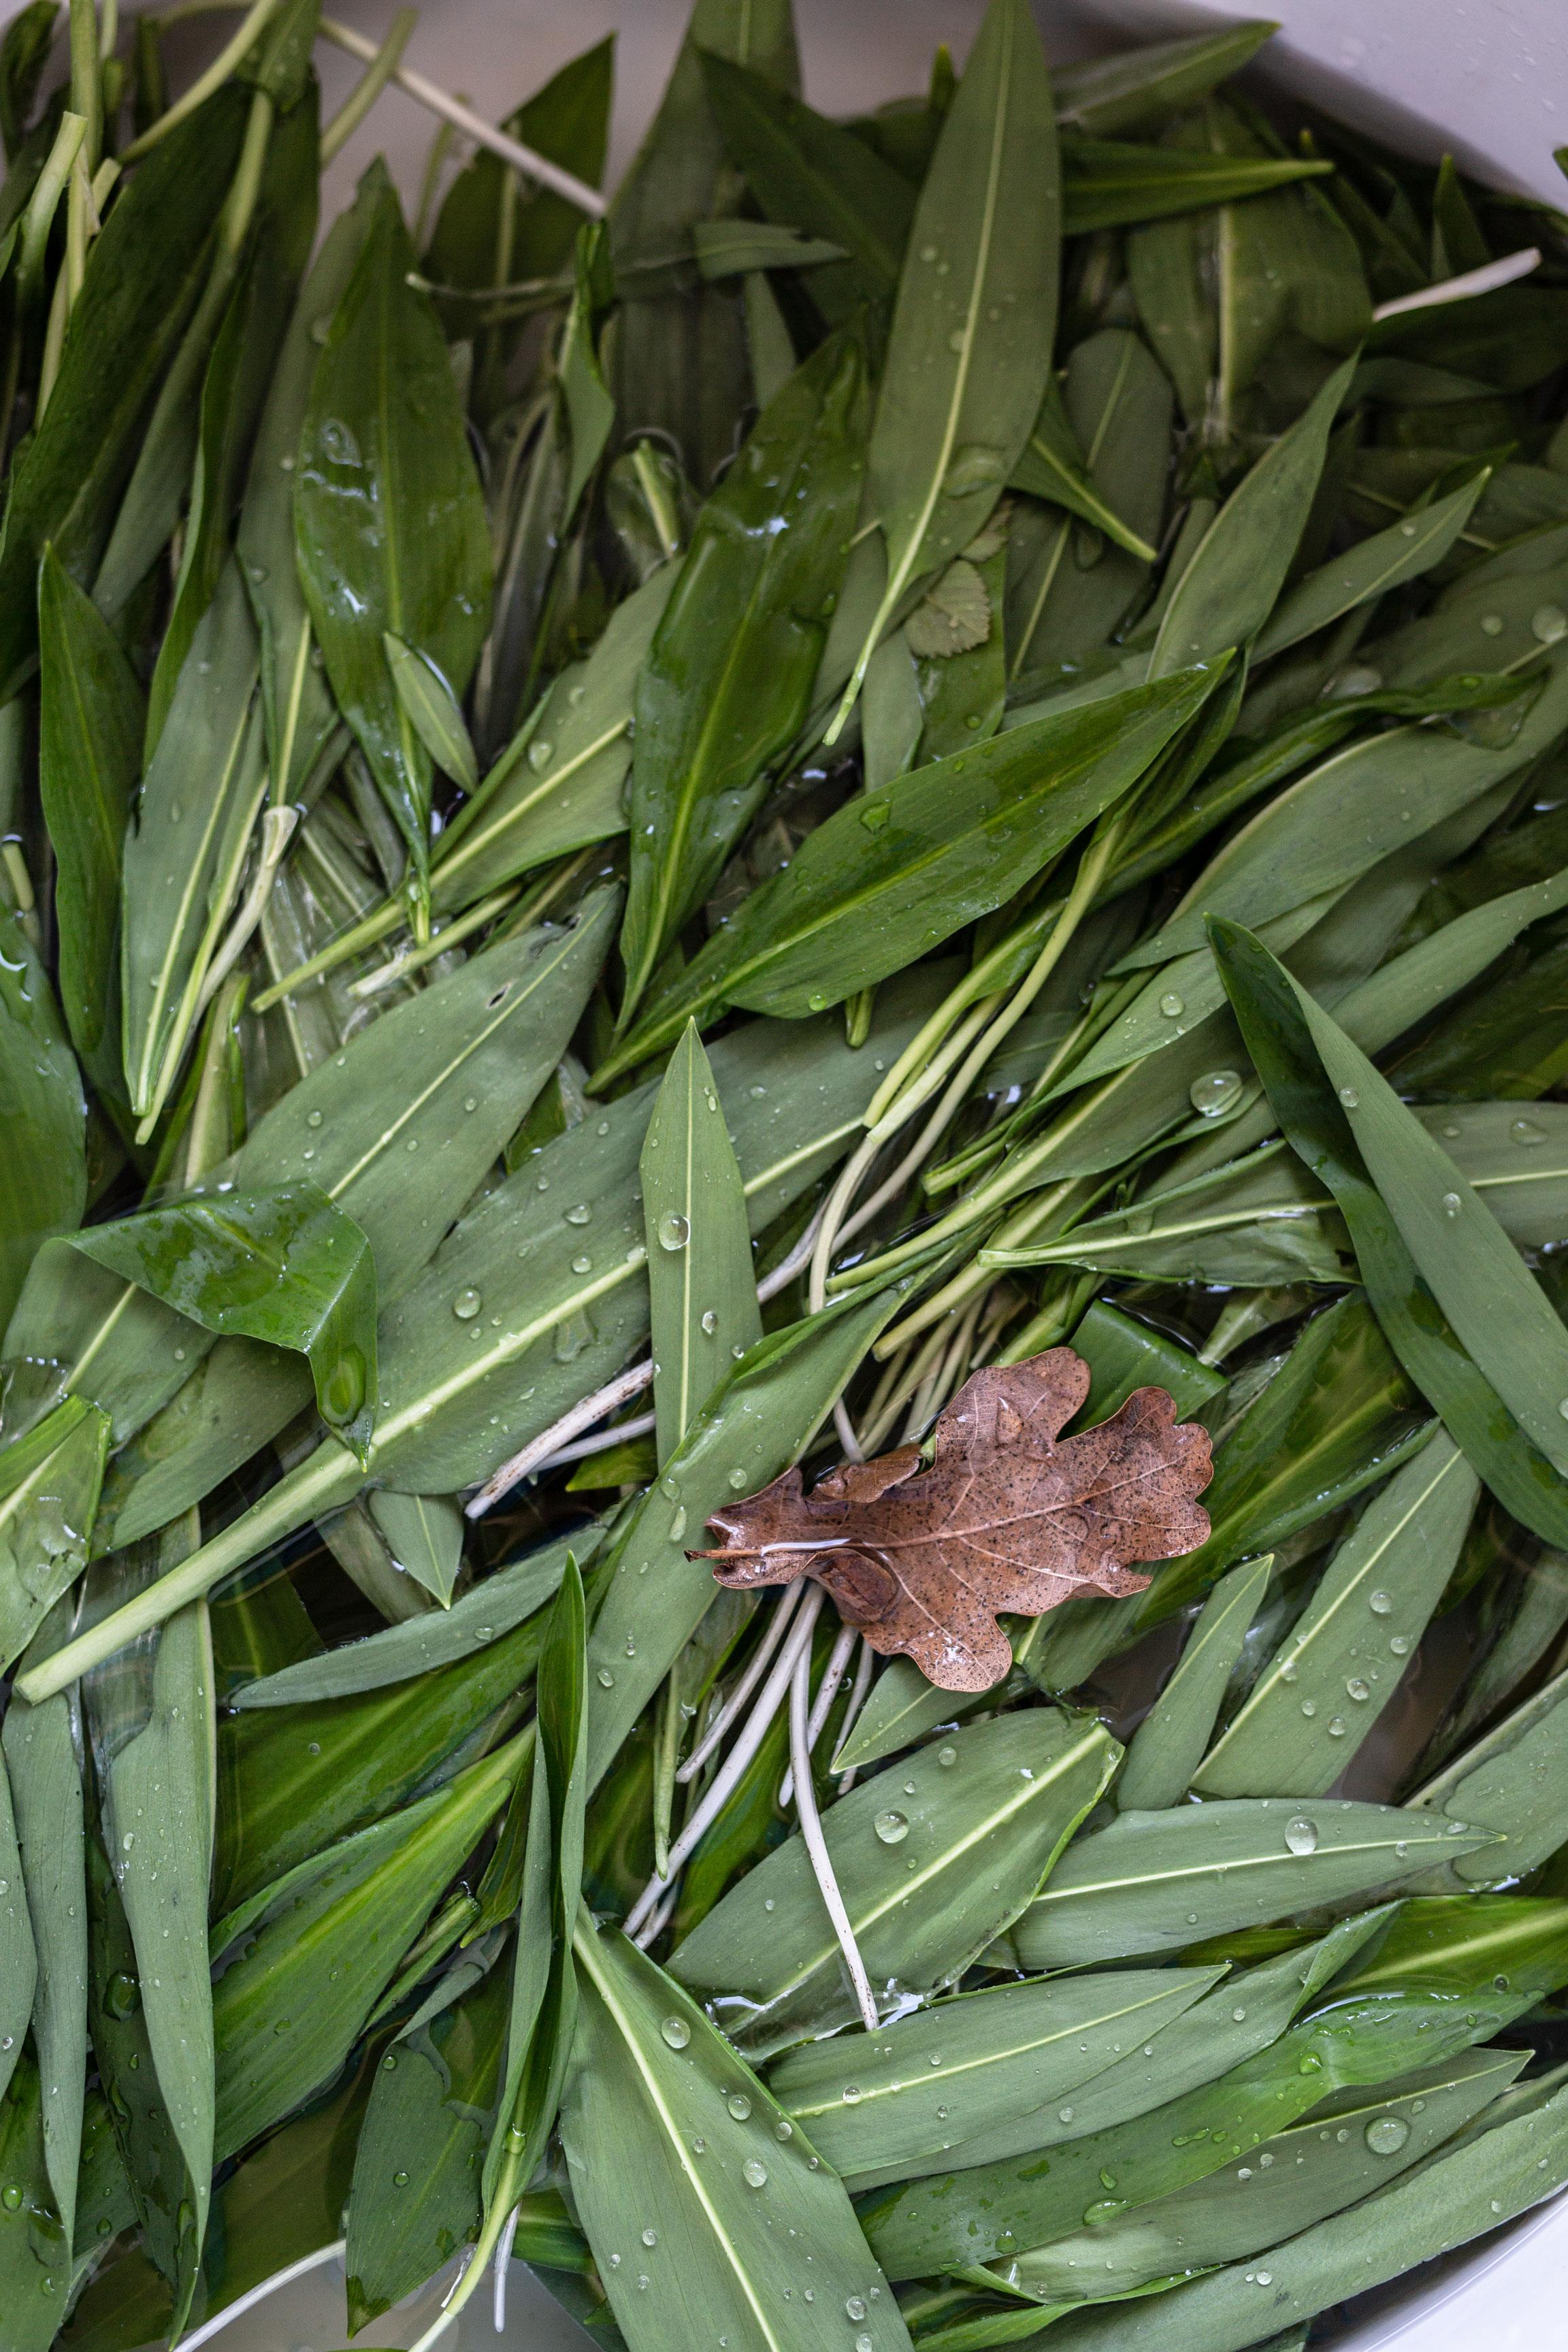 Bärlauch Rezept: Bärlauch fermentieren & haltbar machen | Bärlauchblätter im Wasser | Syl Gervais - Gesunde vegane Rezepte